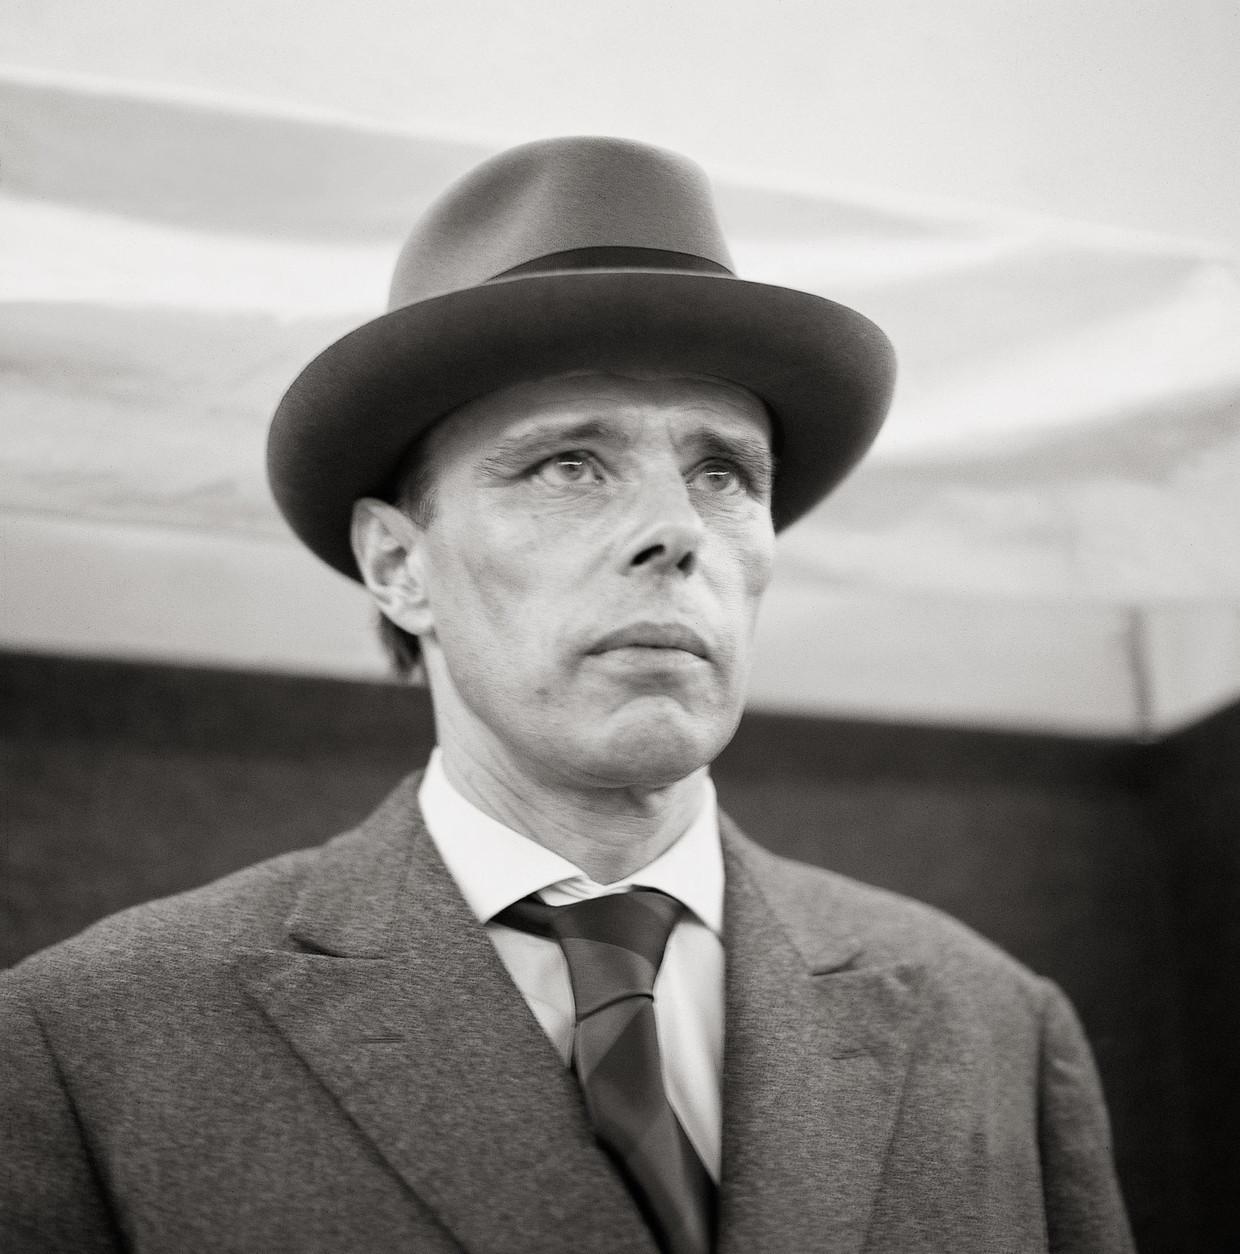 De samenleving was volgens Joseph Beuys een 'sociaal sculptuur', een kunstwerk dat alle mensen samen vormgeven. Beeld Getty Images